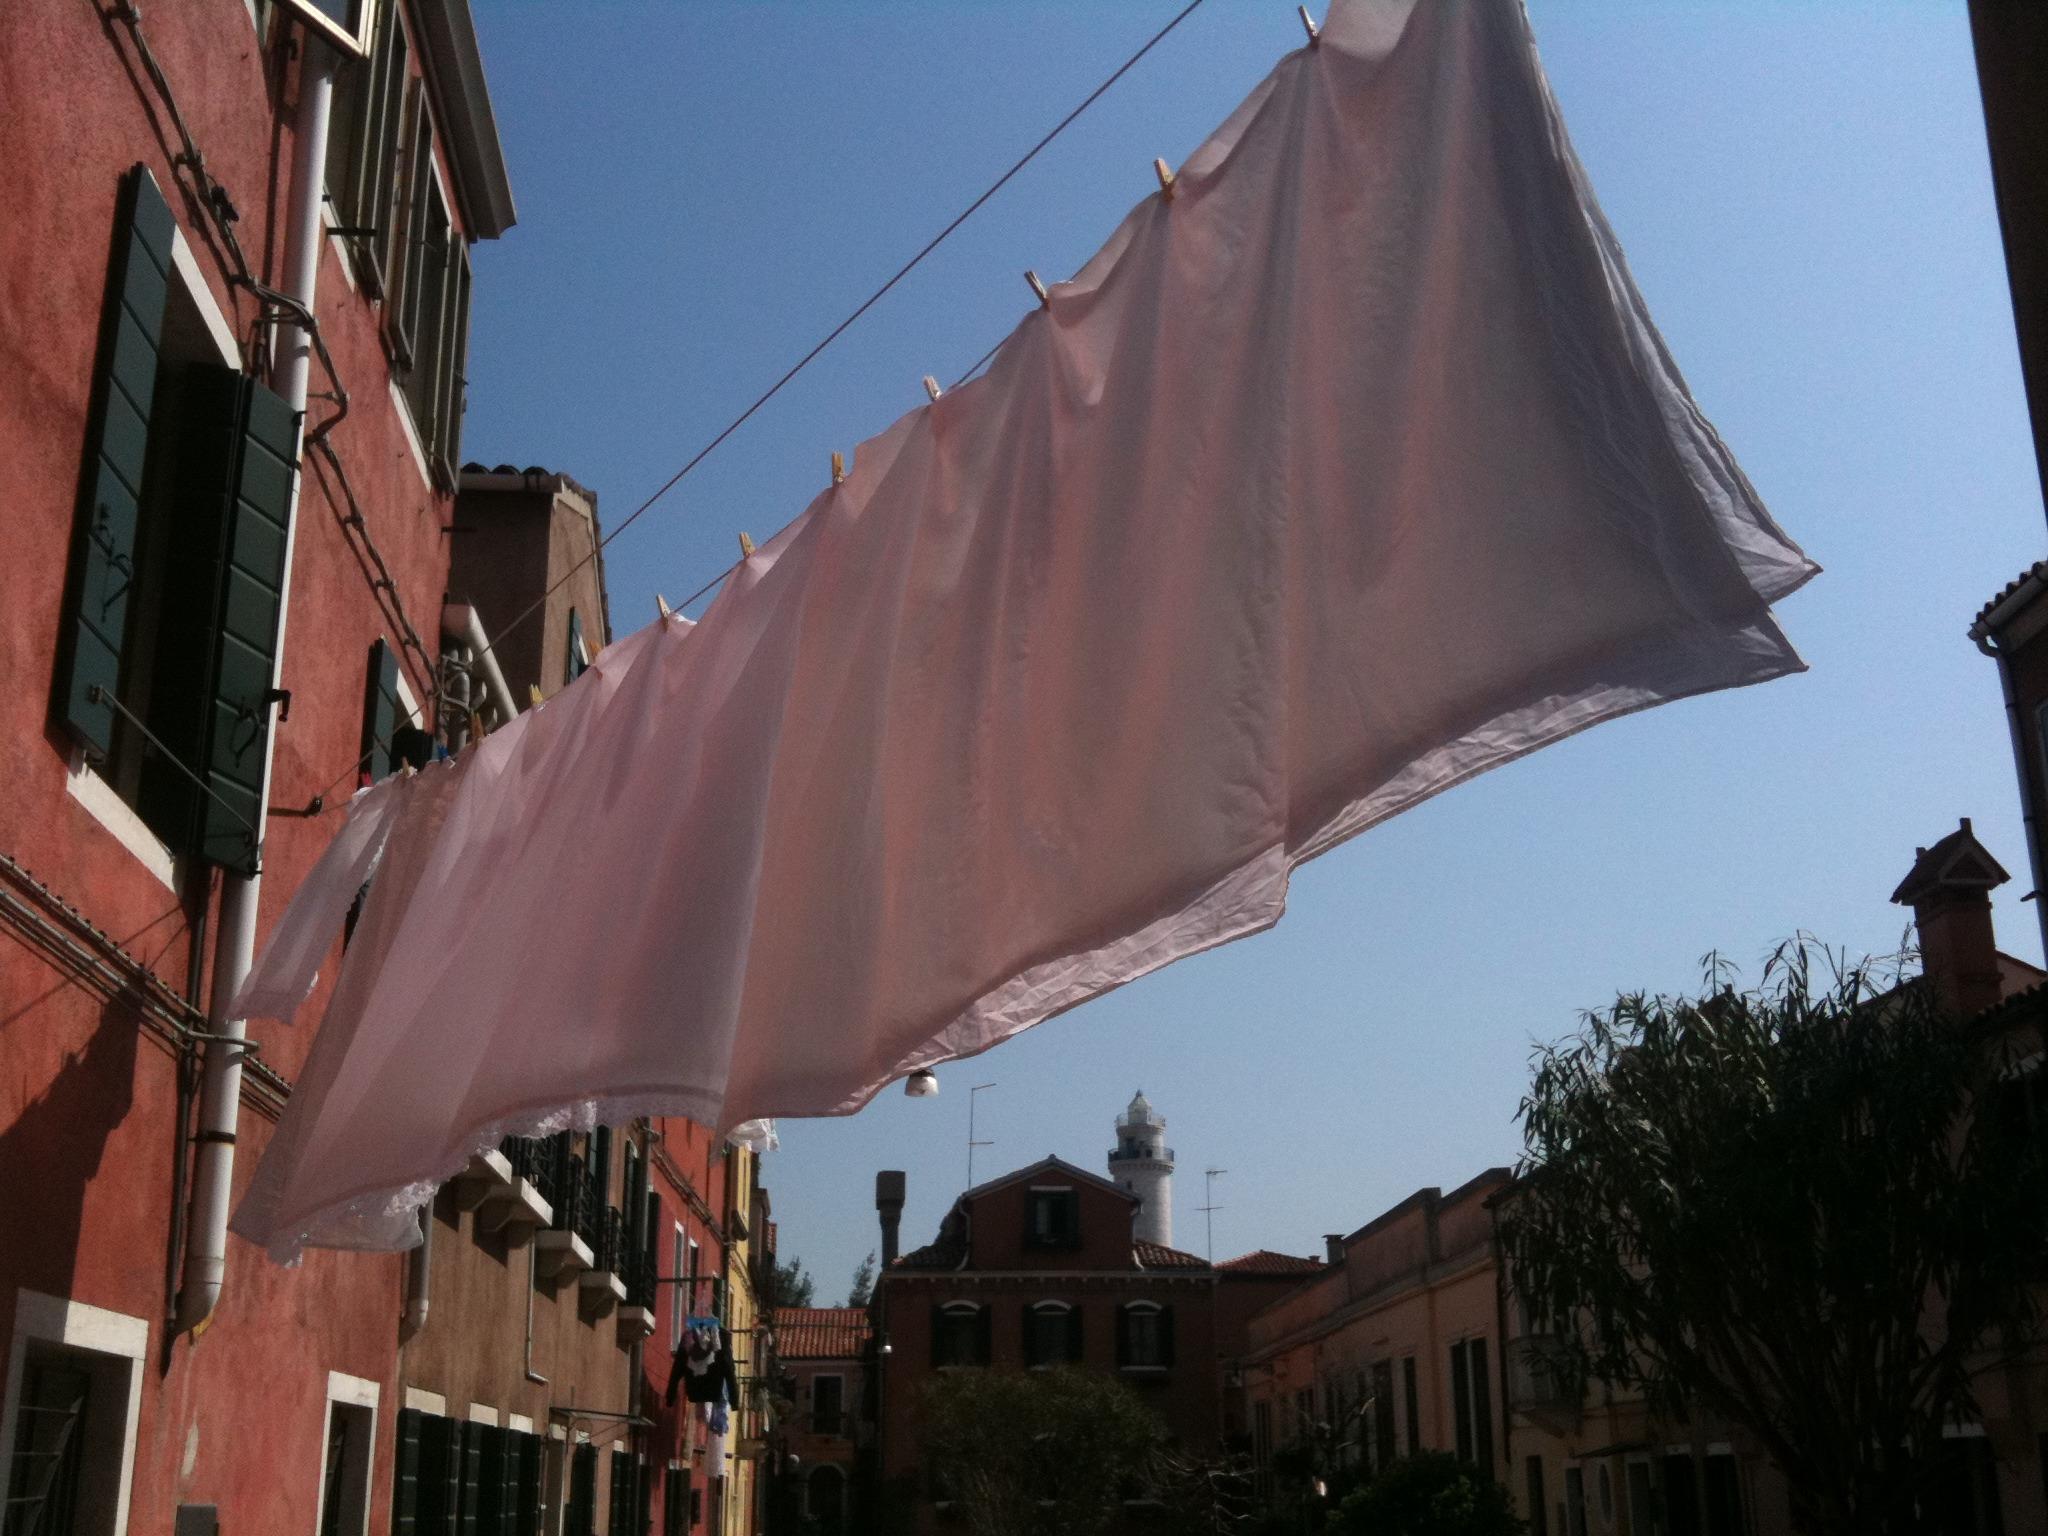 Murano - Mobile Photos - Day 5